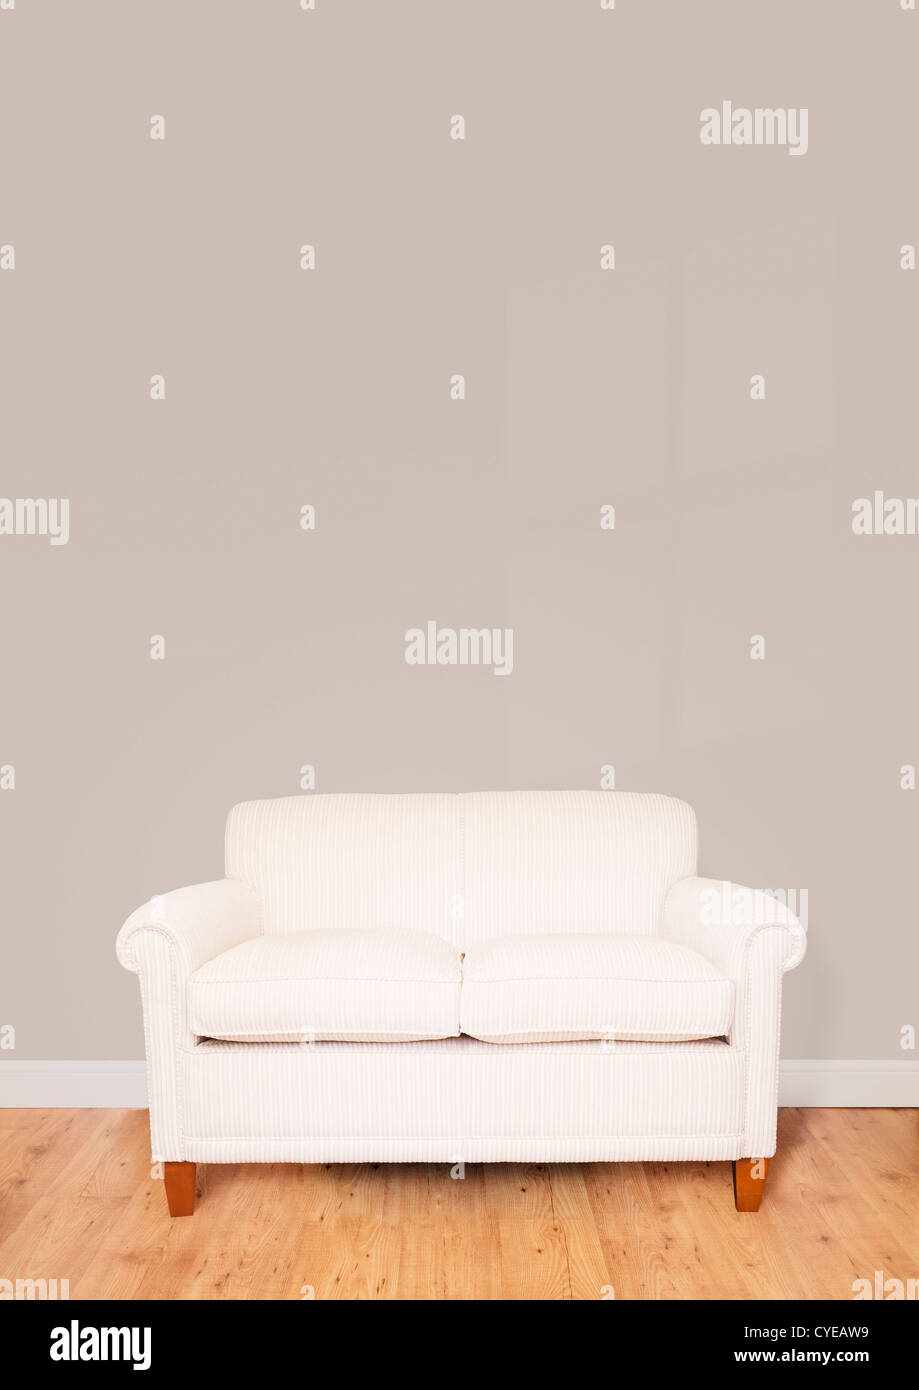 Crema moderno sofá contra una pared en blanco con un montón de espacio para el texto Imagen De Stock